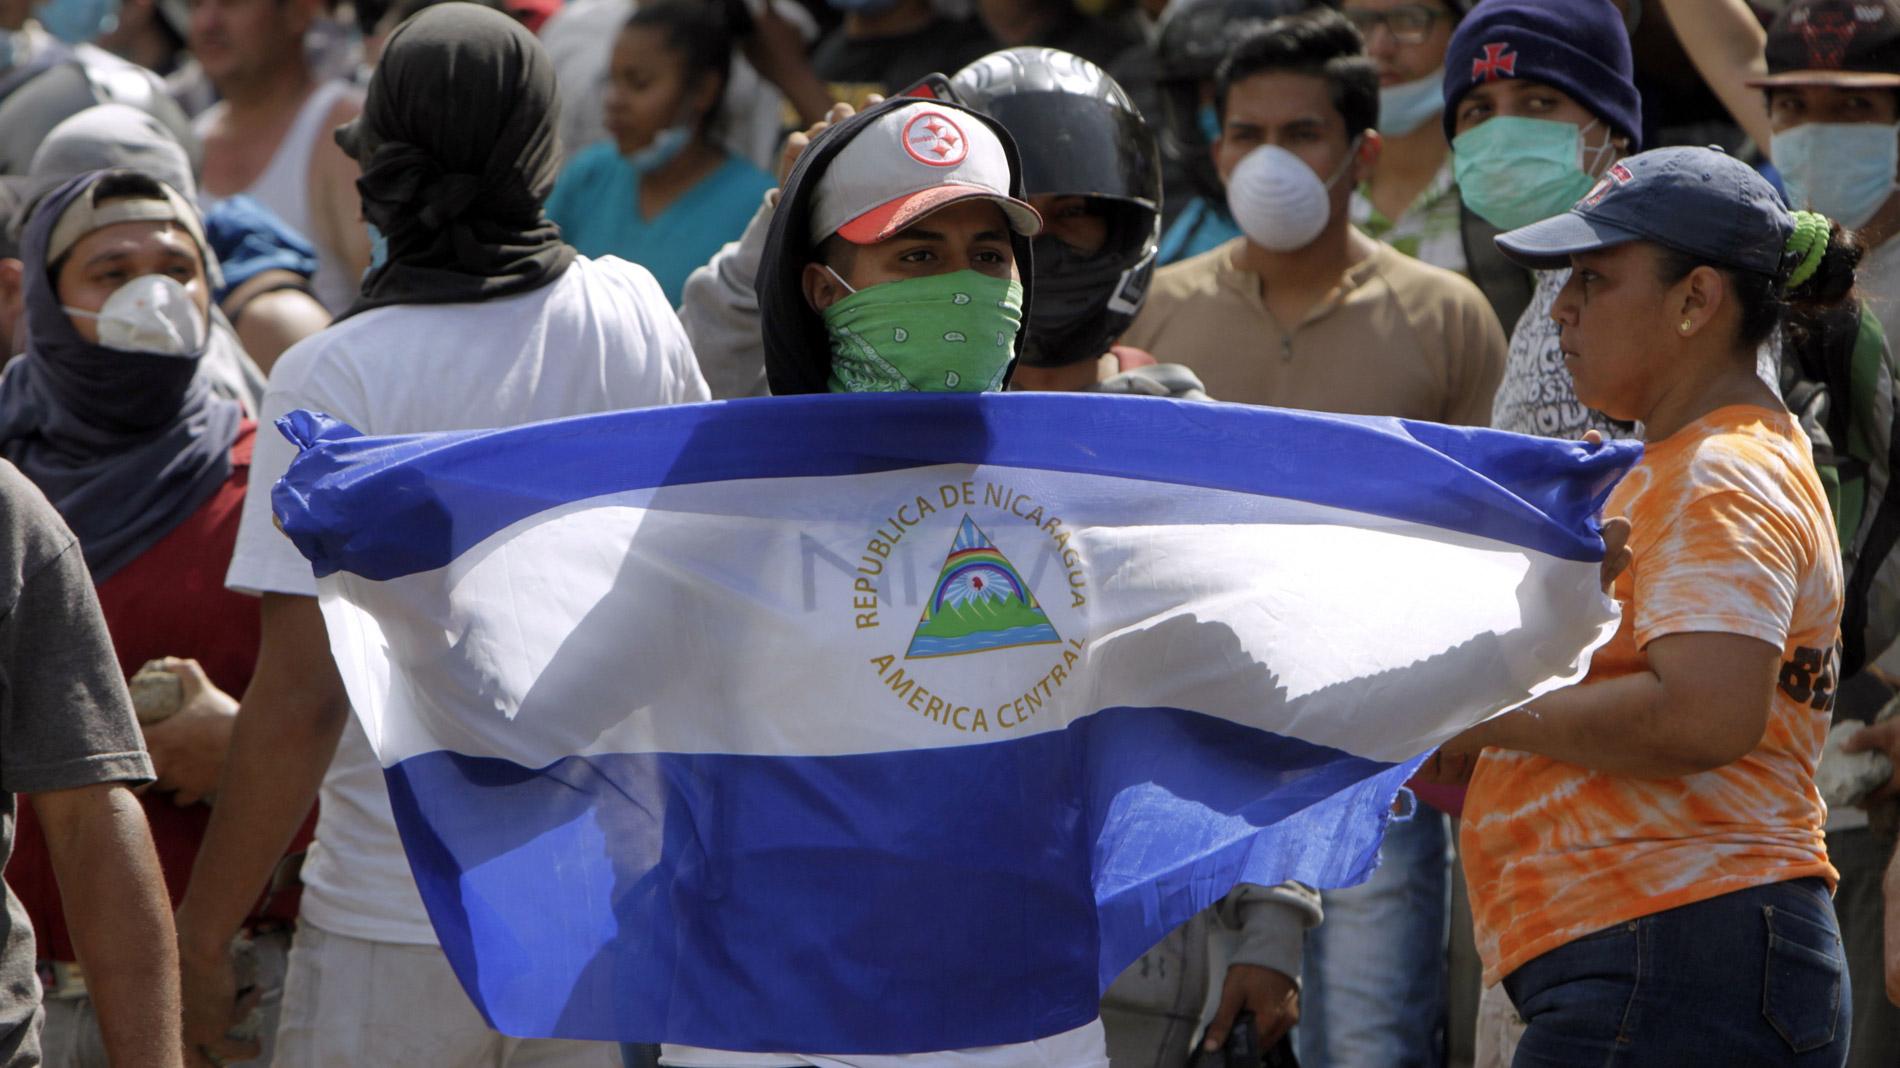 La reforma del Instituto Nacional de la Seguridad Social en Nicaragua provoca una oleada de protestas